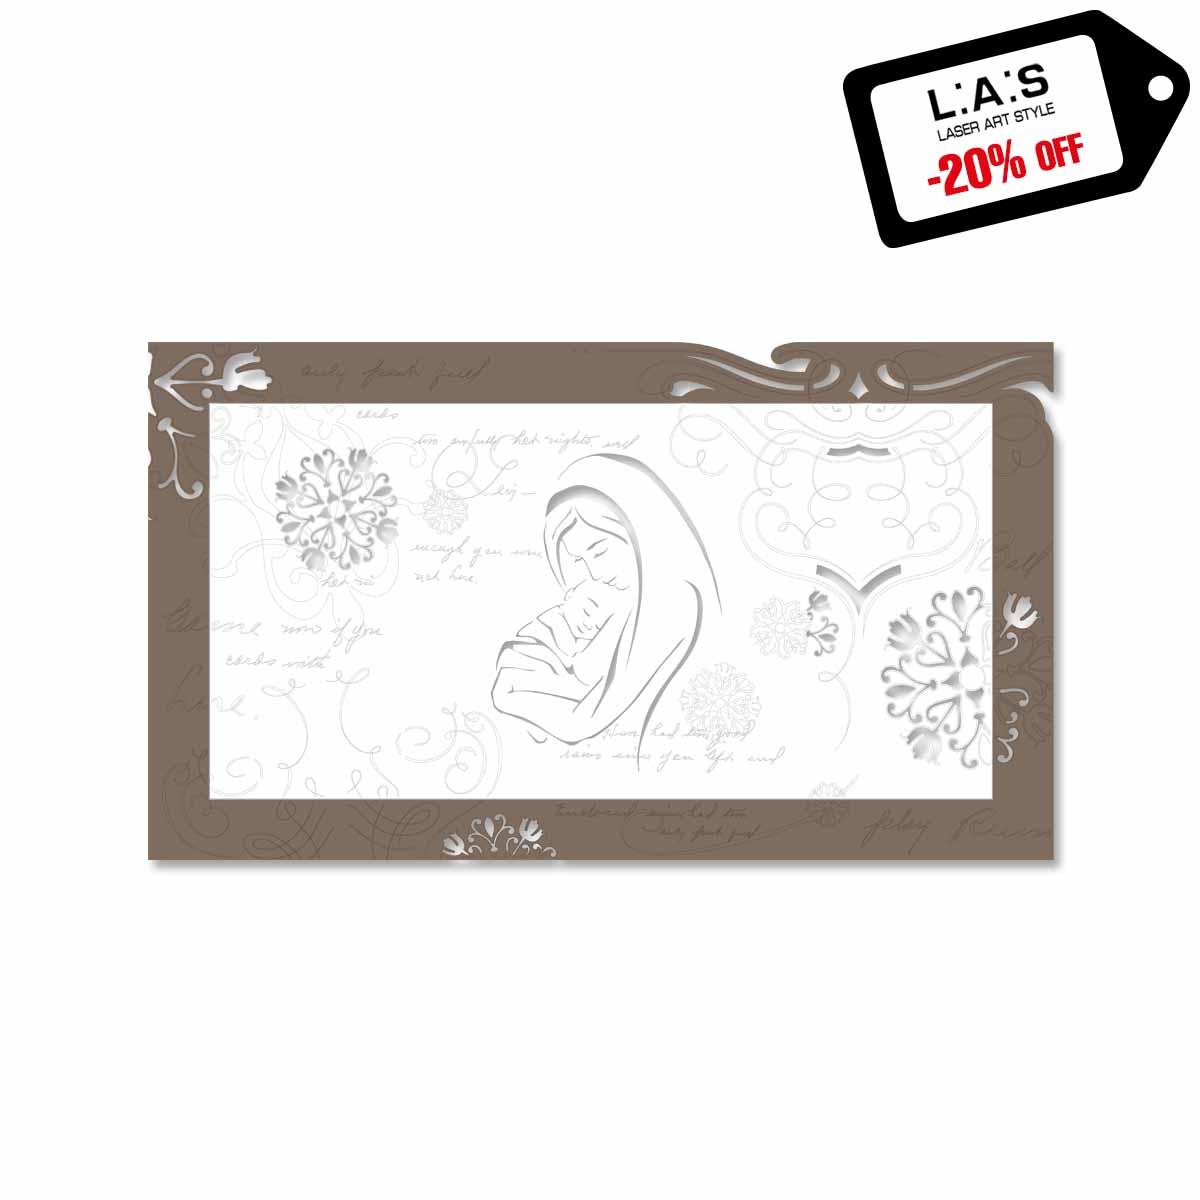 L:A:S - Laser Art Style - CAPEZZALE SACRO SI-475XL-T7 GRIGIO MARRONE – BIANCO